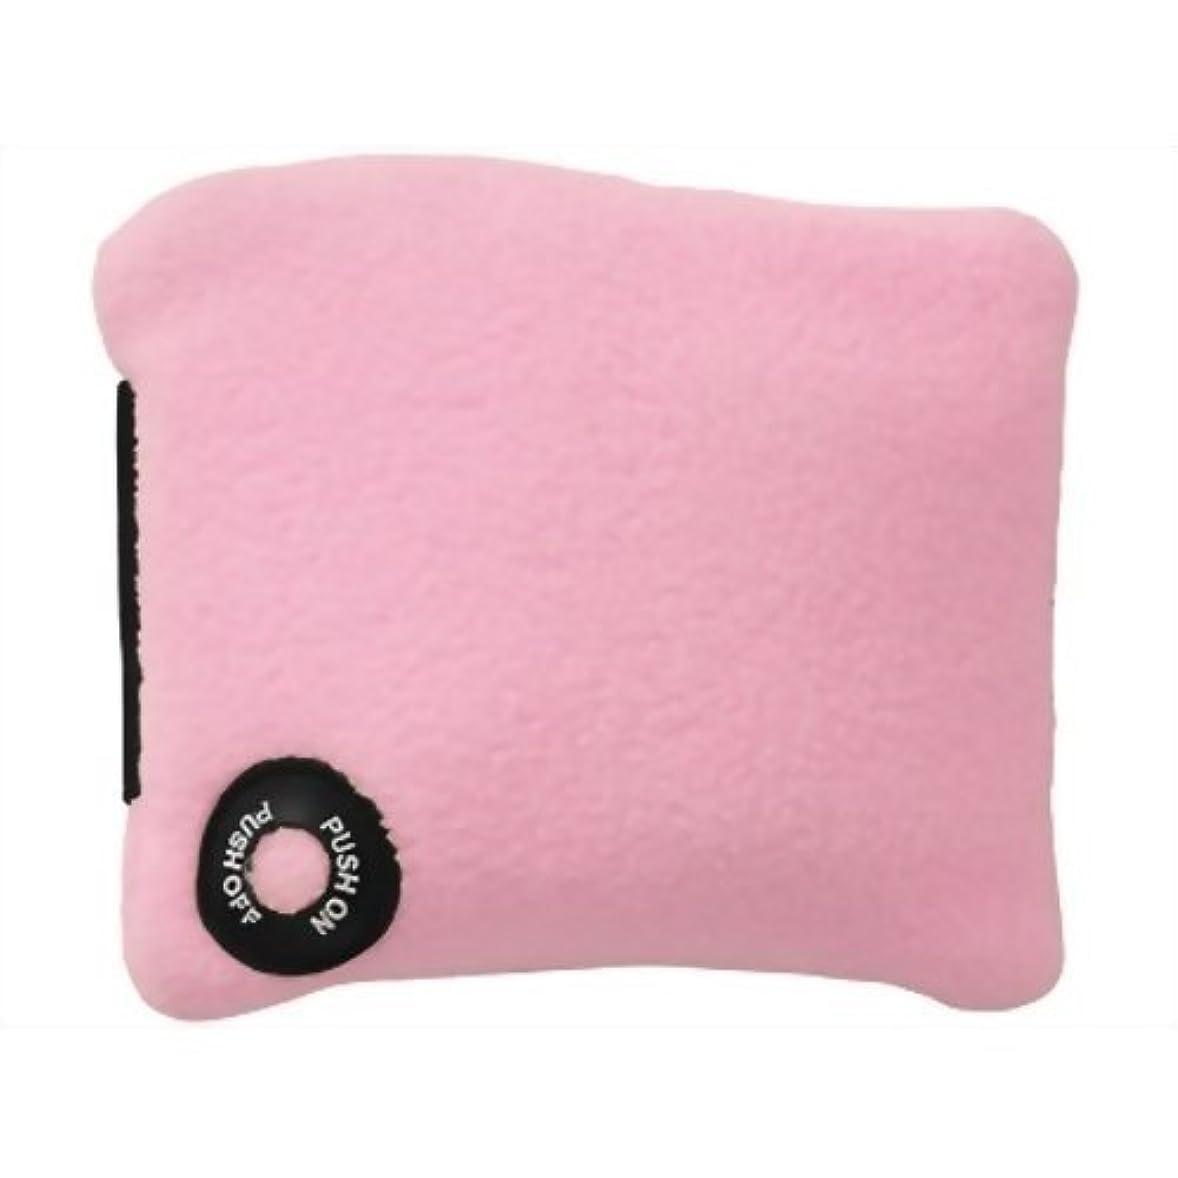 新しさ腹痛旅ぶるる 足用 ピンク フリーサイズ